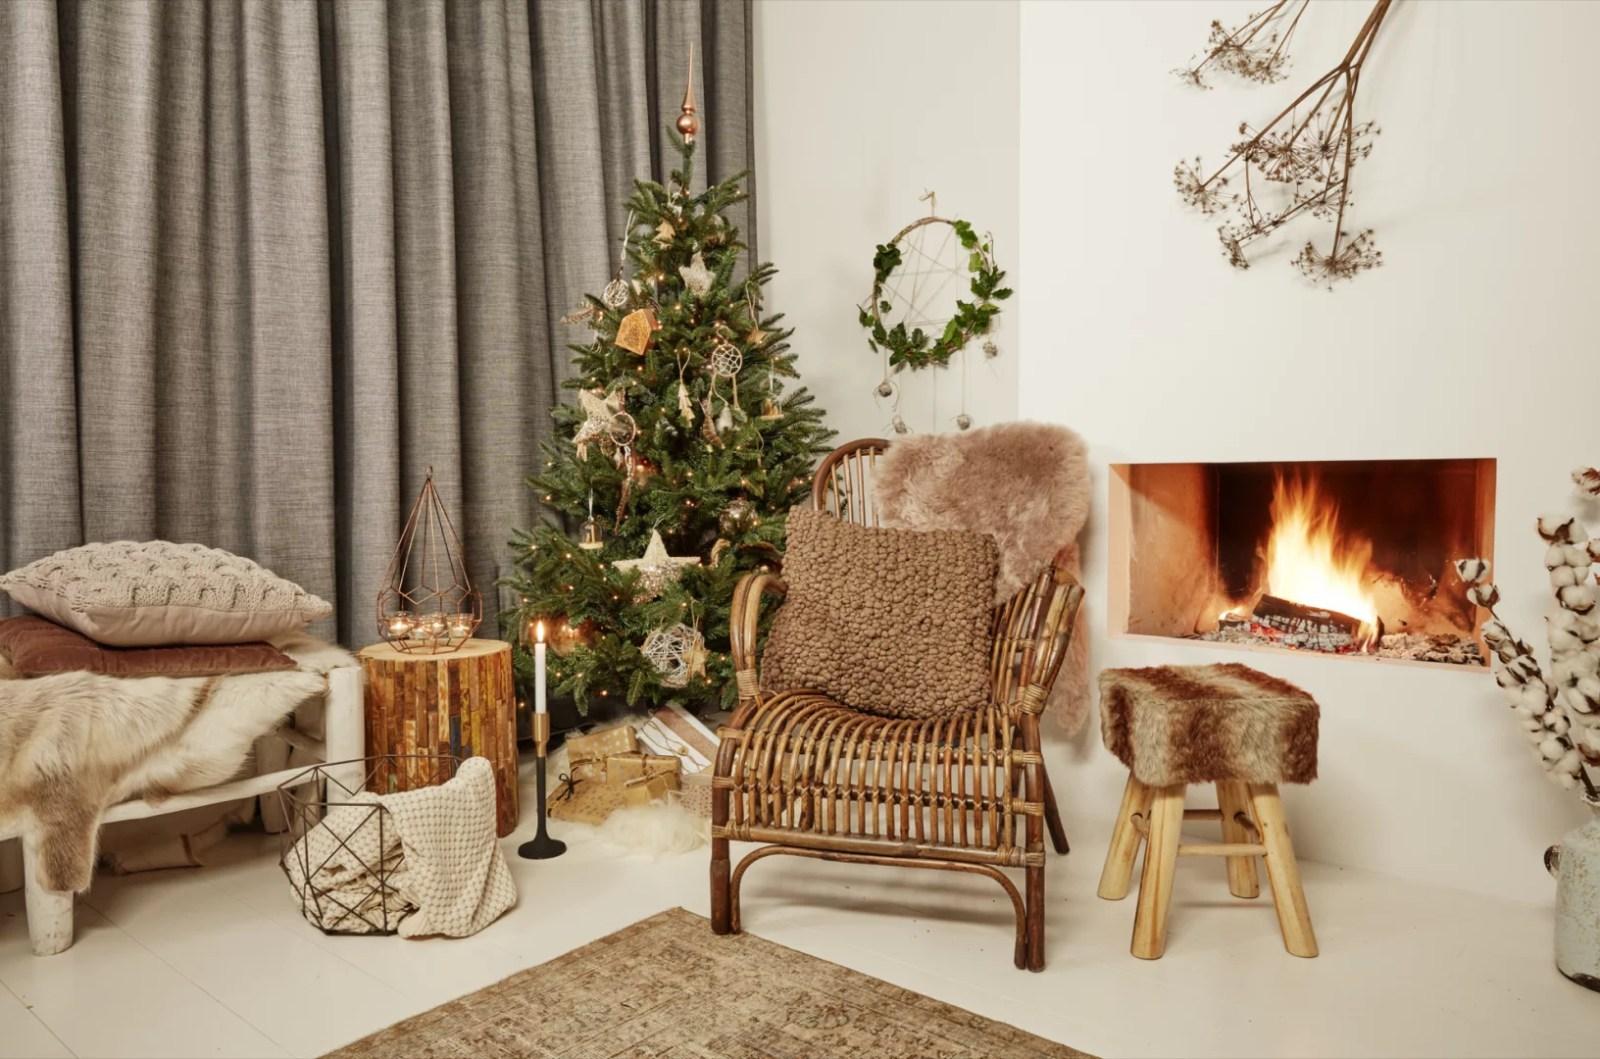 feestdagen kersttrends natuurlijk kerstfeest thuisblijf kerst wwwstijlvoltylingcom